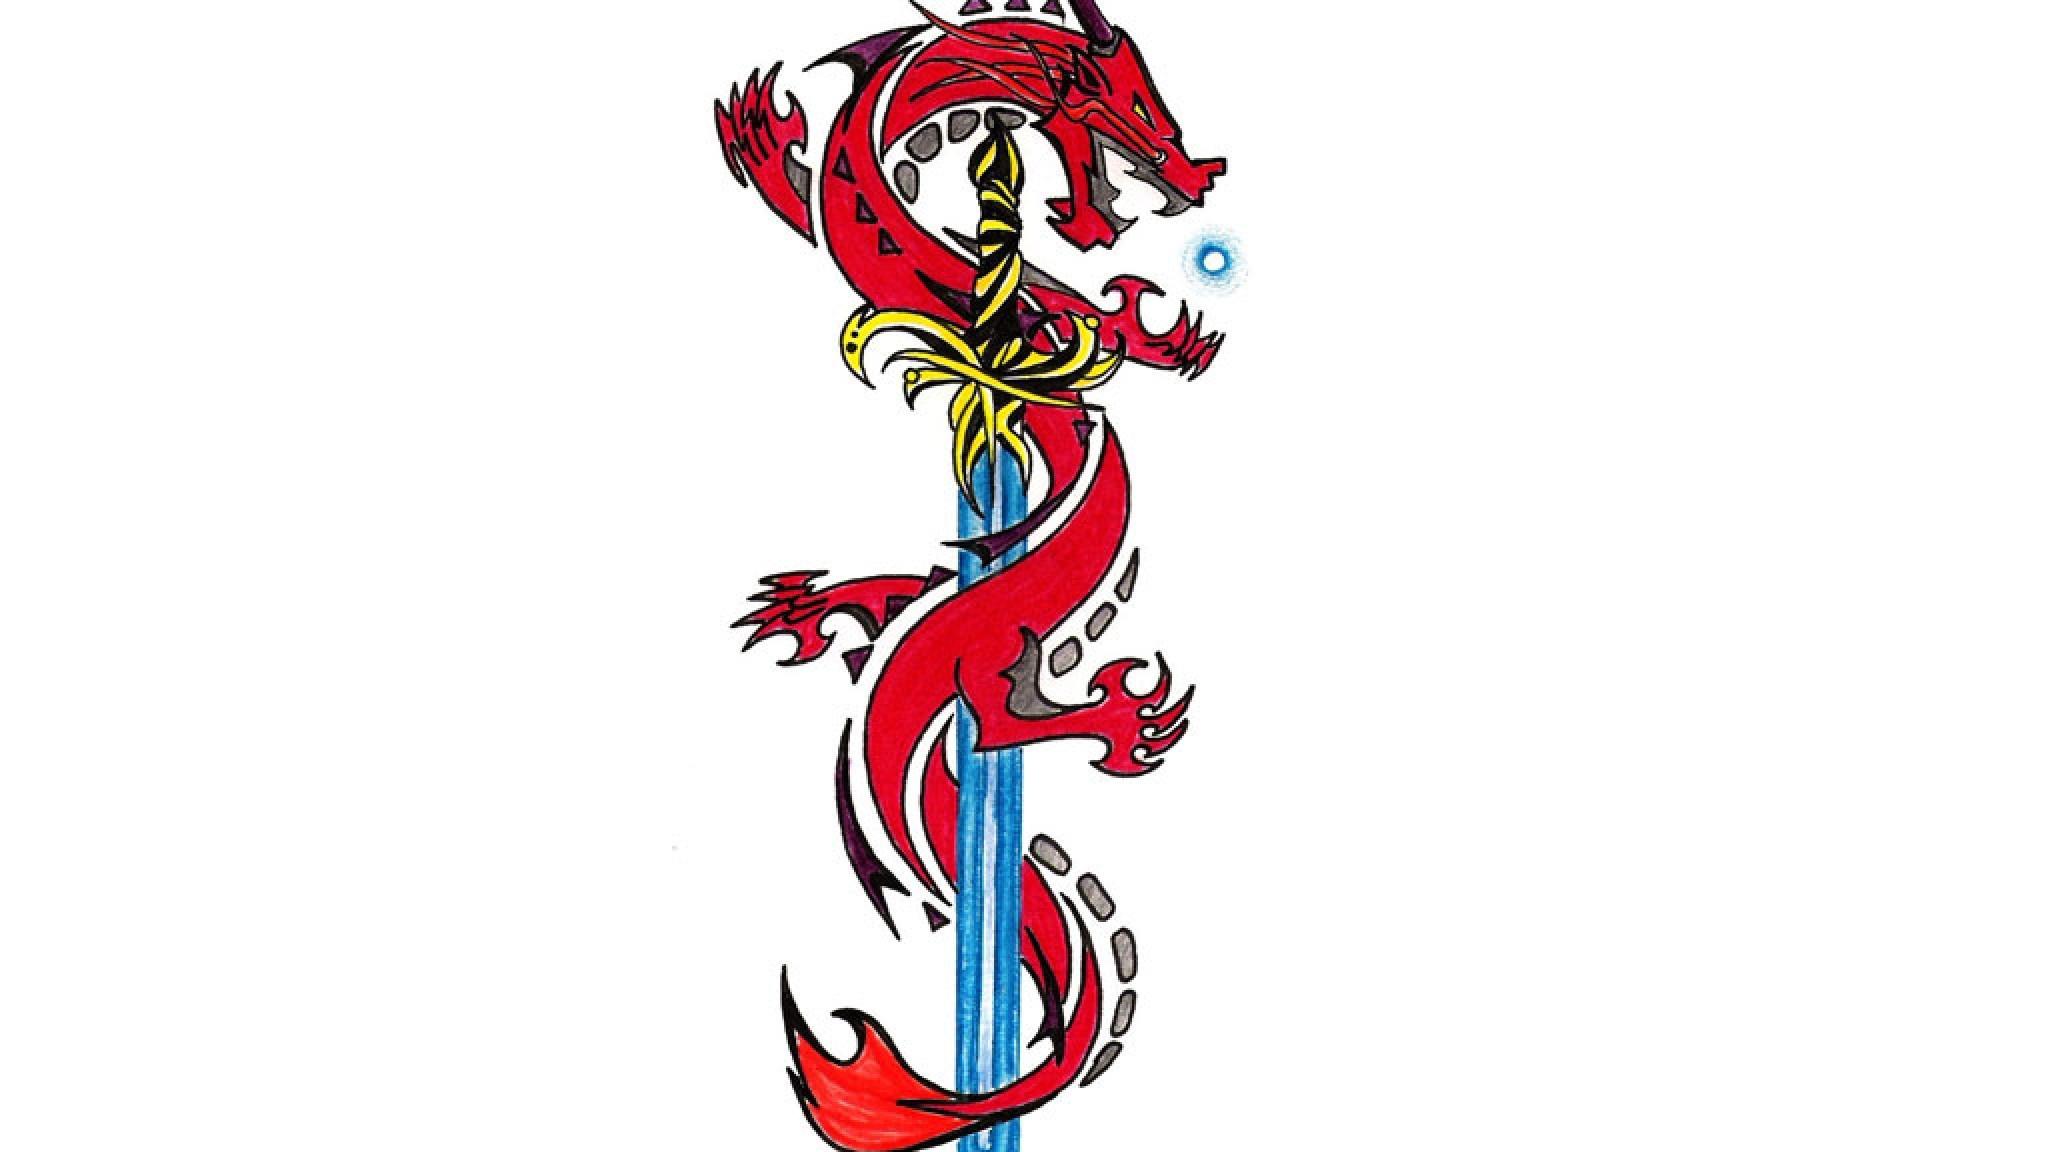 Res: 2048x1152, hintergrundbild Dragon Sword Farbe Art Tattoo Design Wallpaper Weißer  Hintergrund